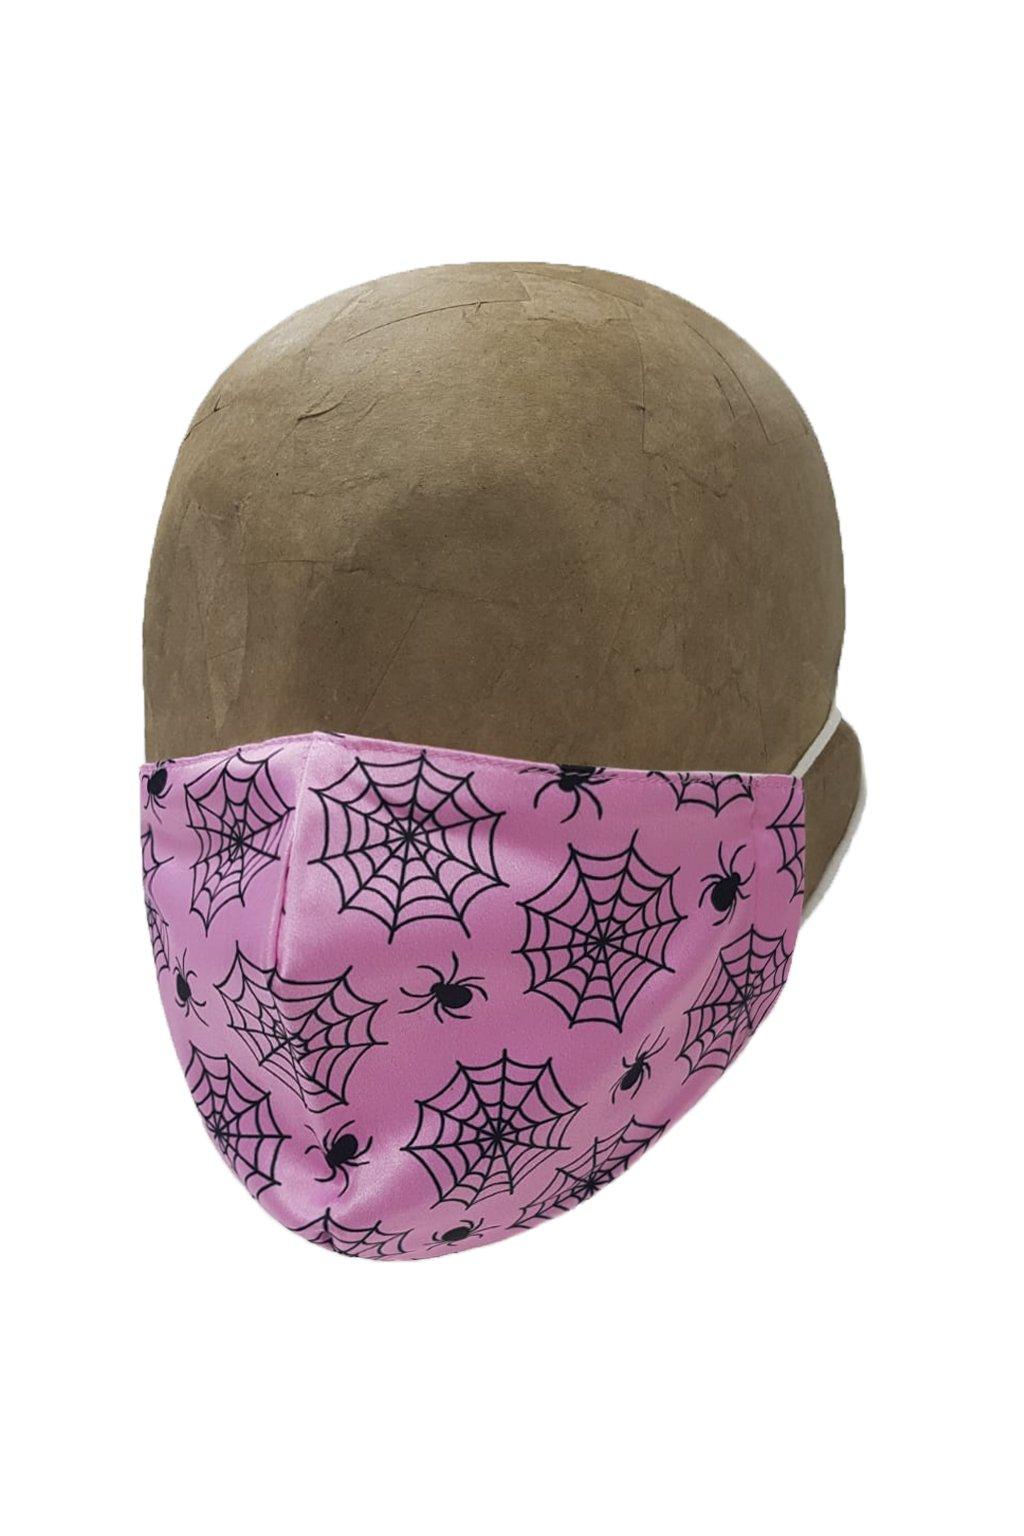 Rúško SPIDER BABY PINK s iómi striebra DETSKÉ A